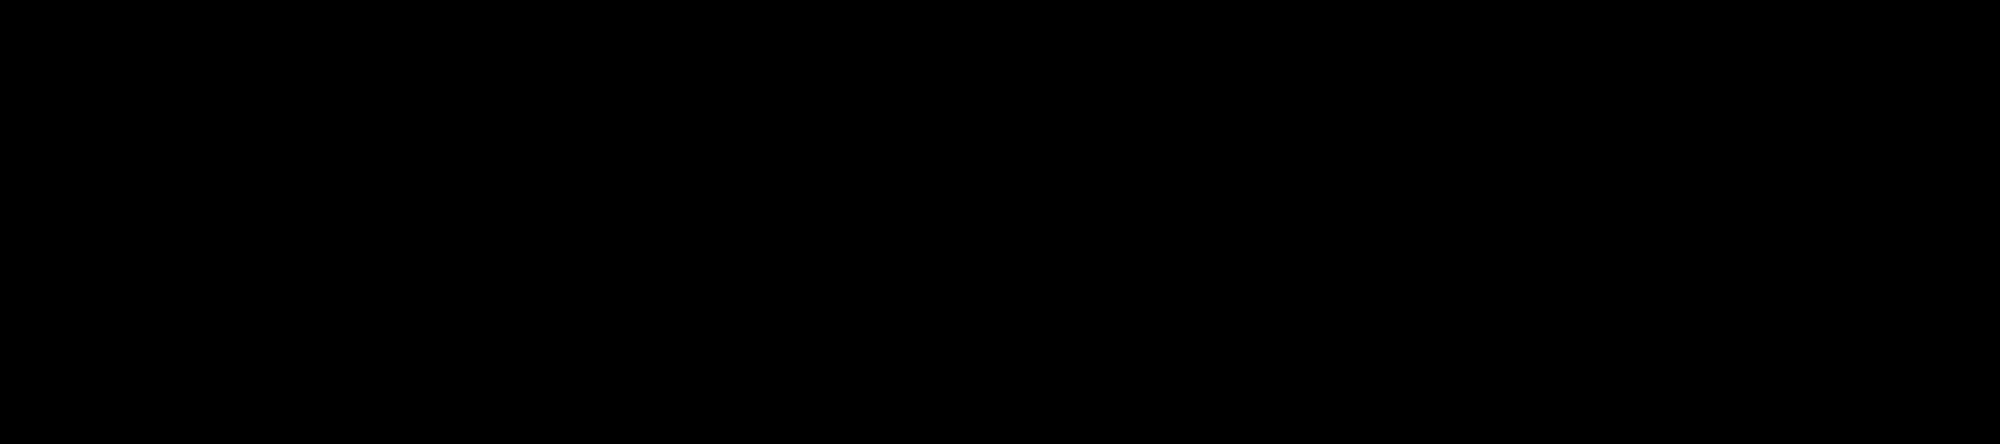 debijenkorf.png